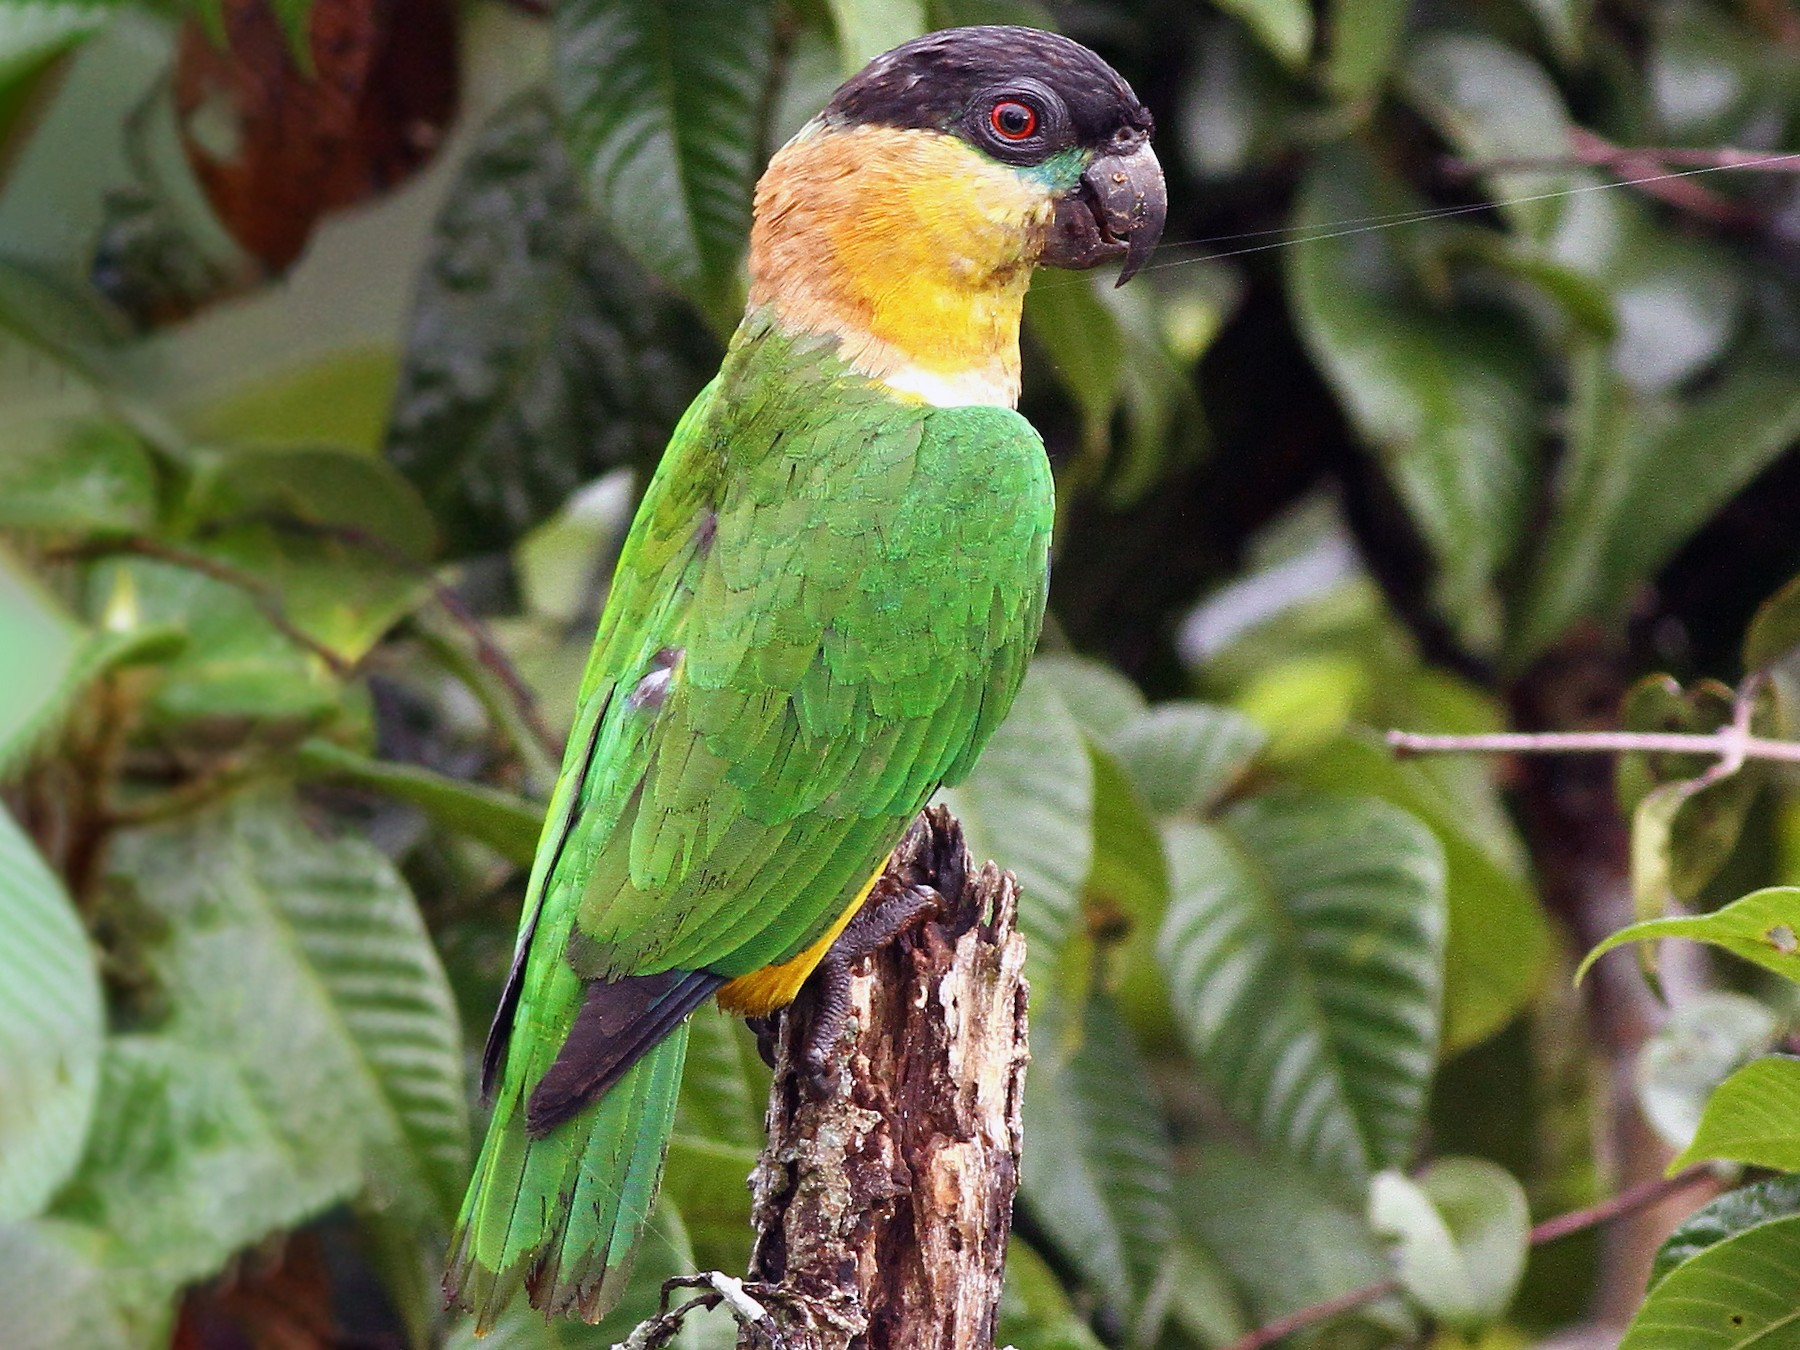 Black-headed Parrot - Luke Seitz